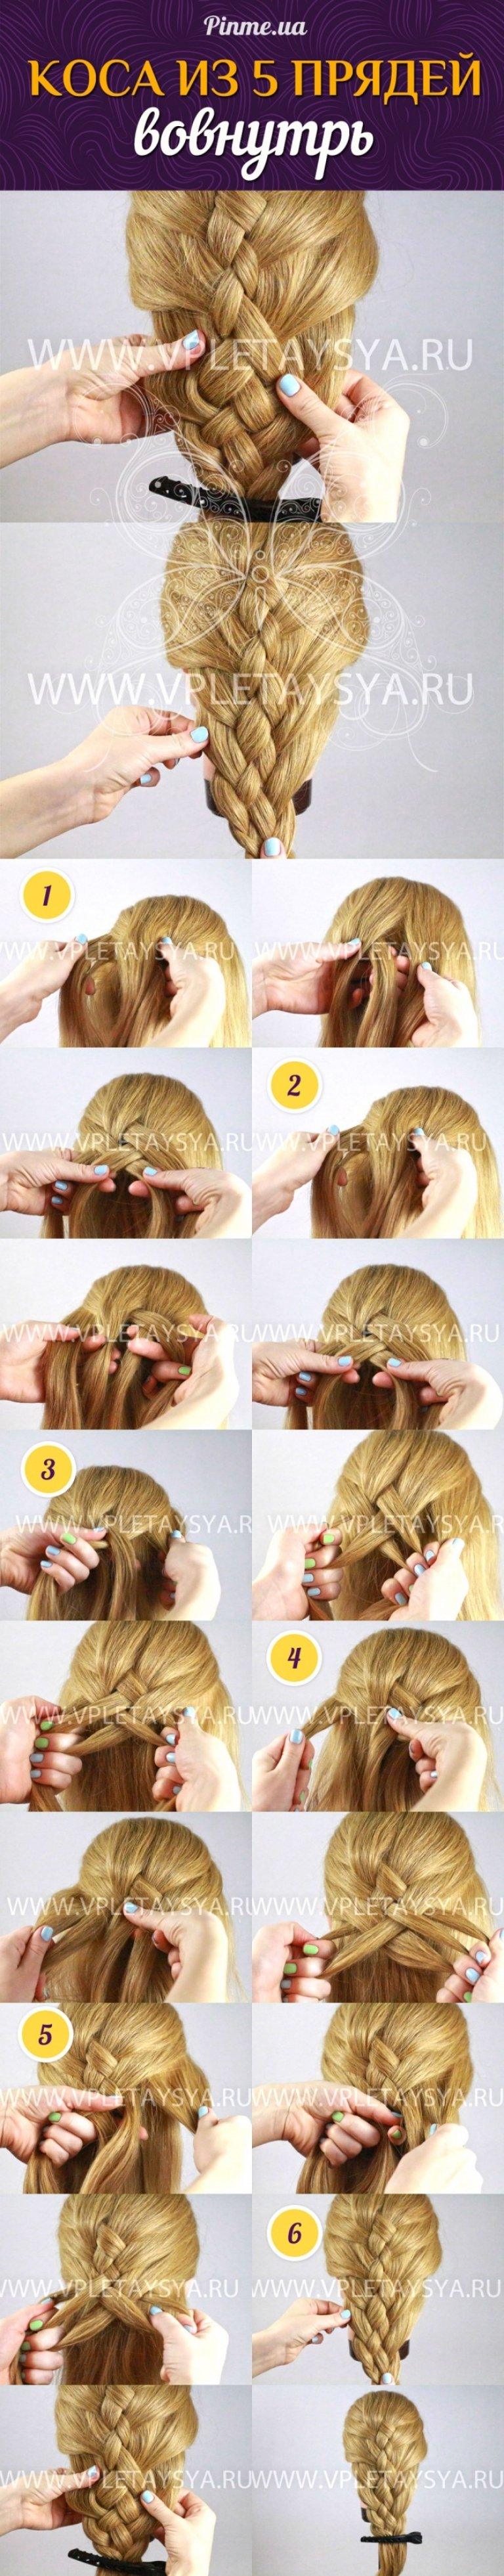 Плетение косы вовнутрь пошагово